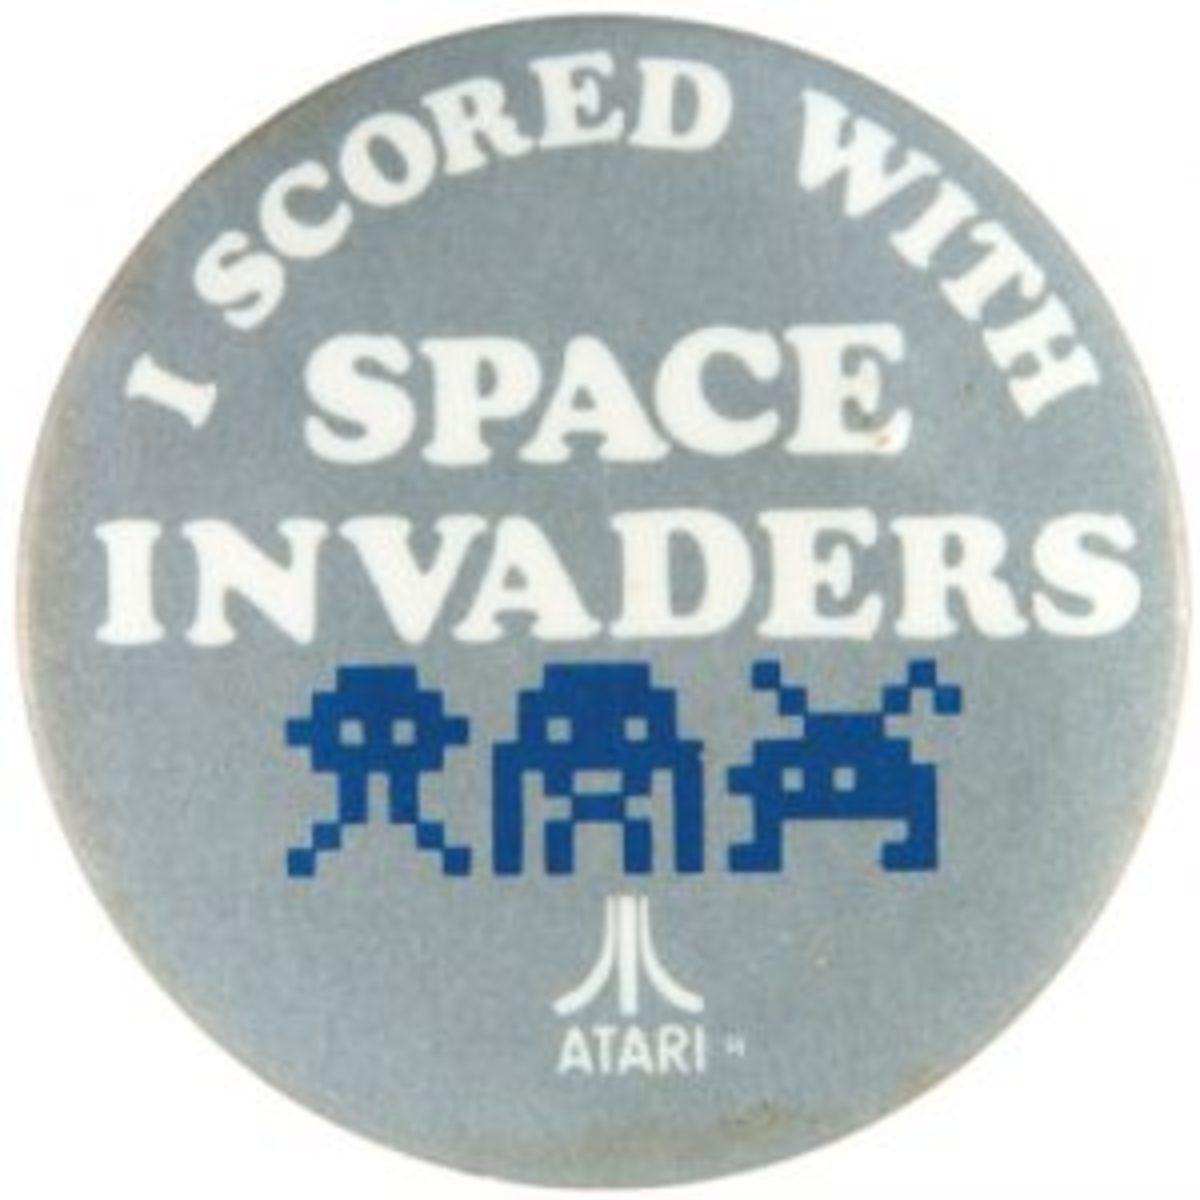 Space Invaders pinback